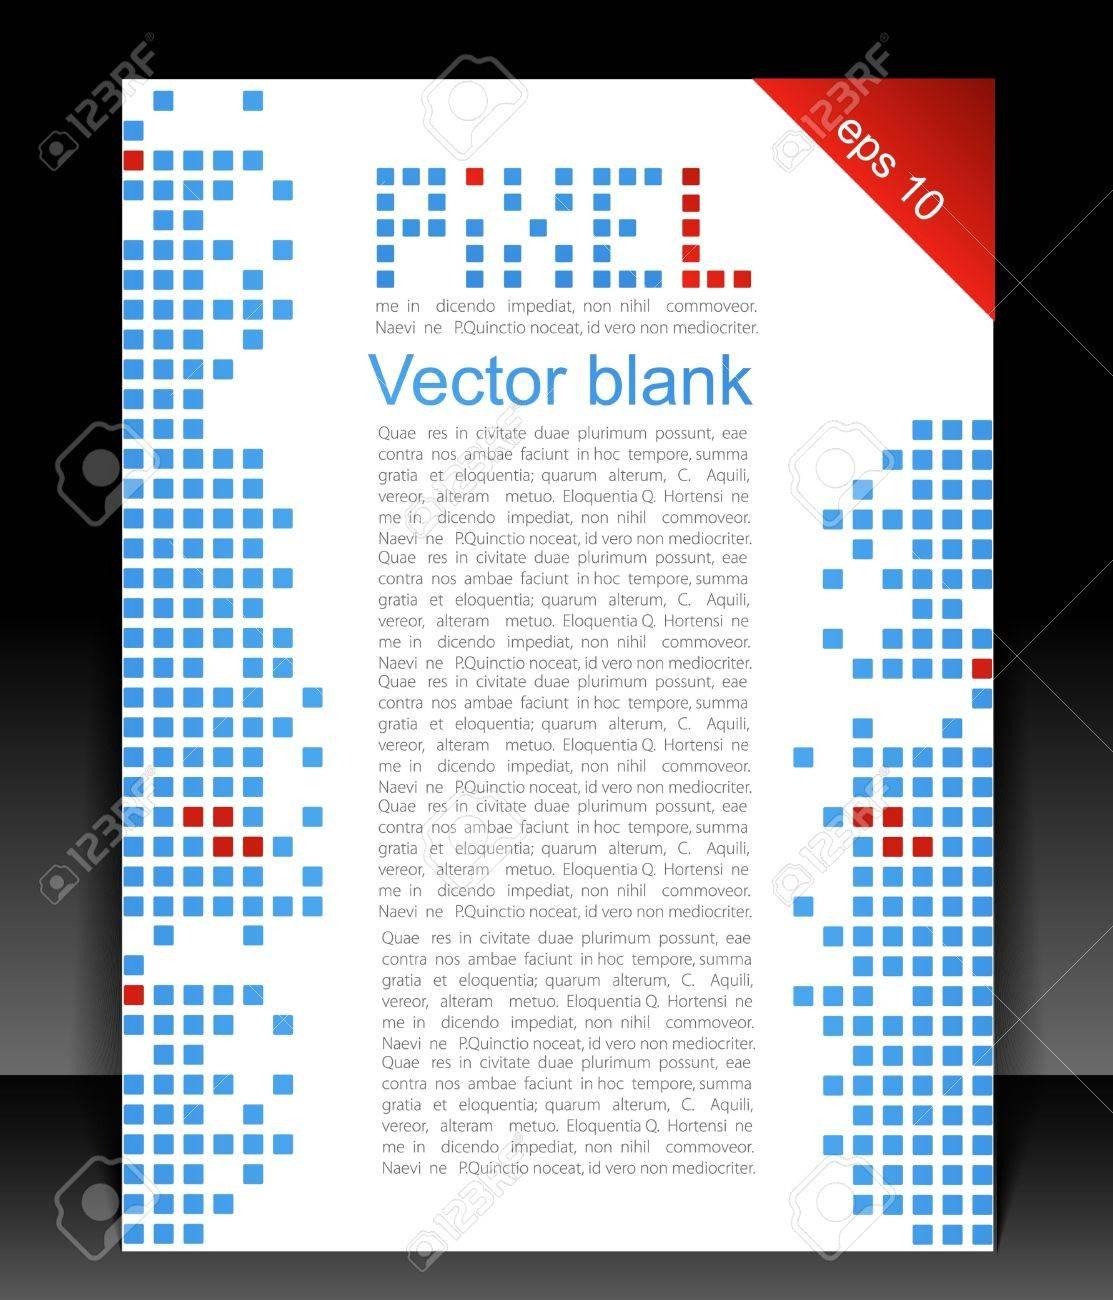 Resume Vierge Pixel Art Clip Art Libres De Droits Vecteurs Et Illustration Image 11057162